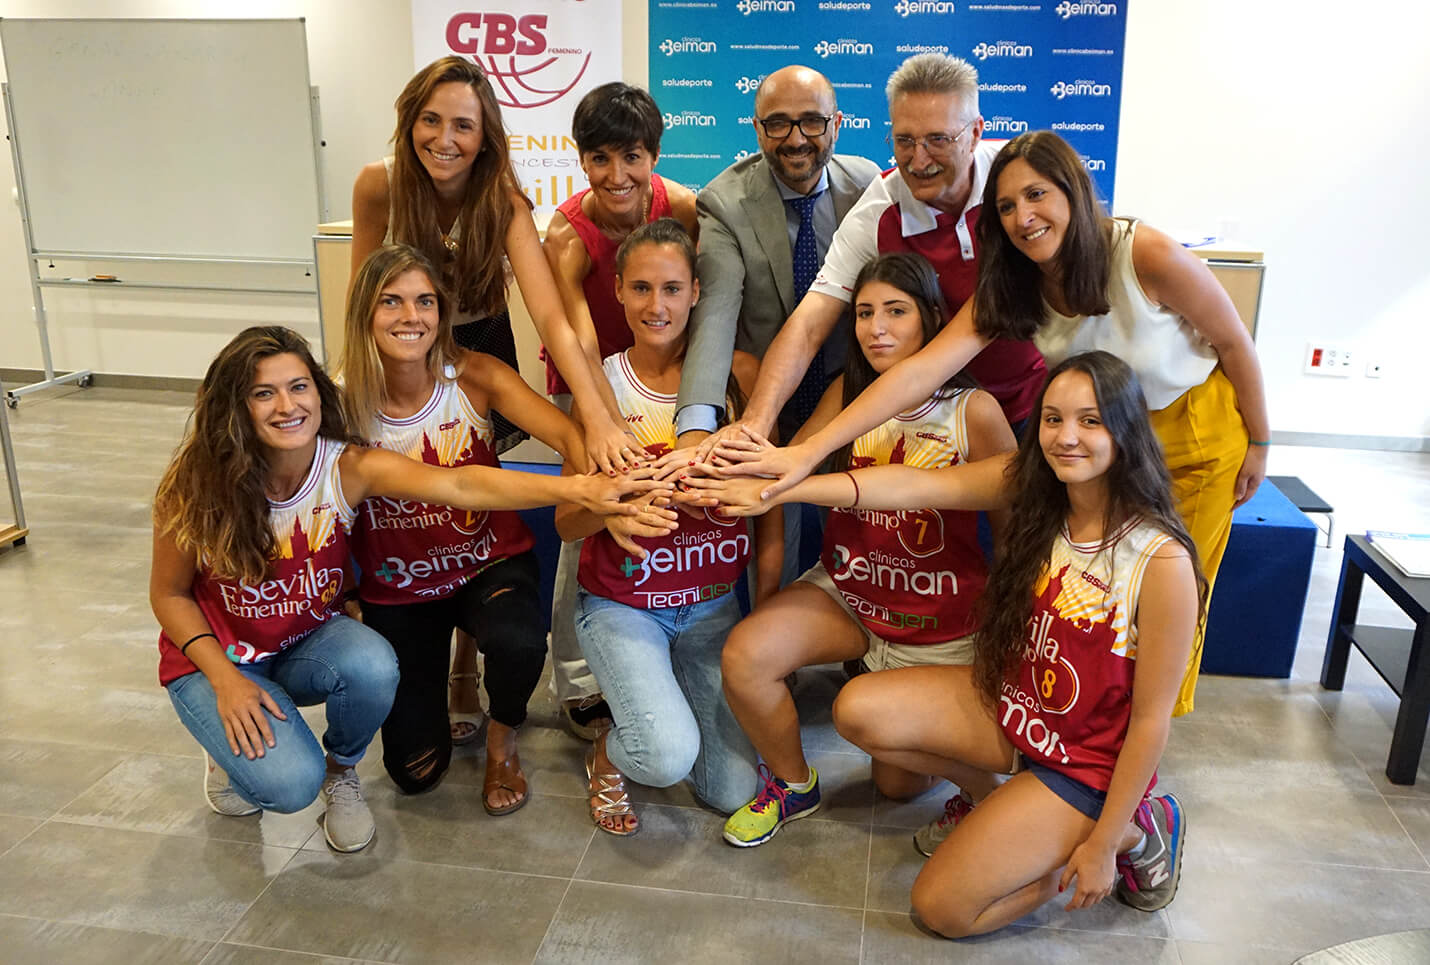 Club Baloncesto Sevilla Femenino presenta a Clínicas Beiman como su patrocinador principal para la temporada 2018/2019